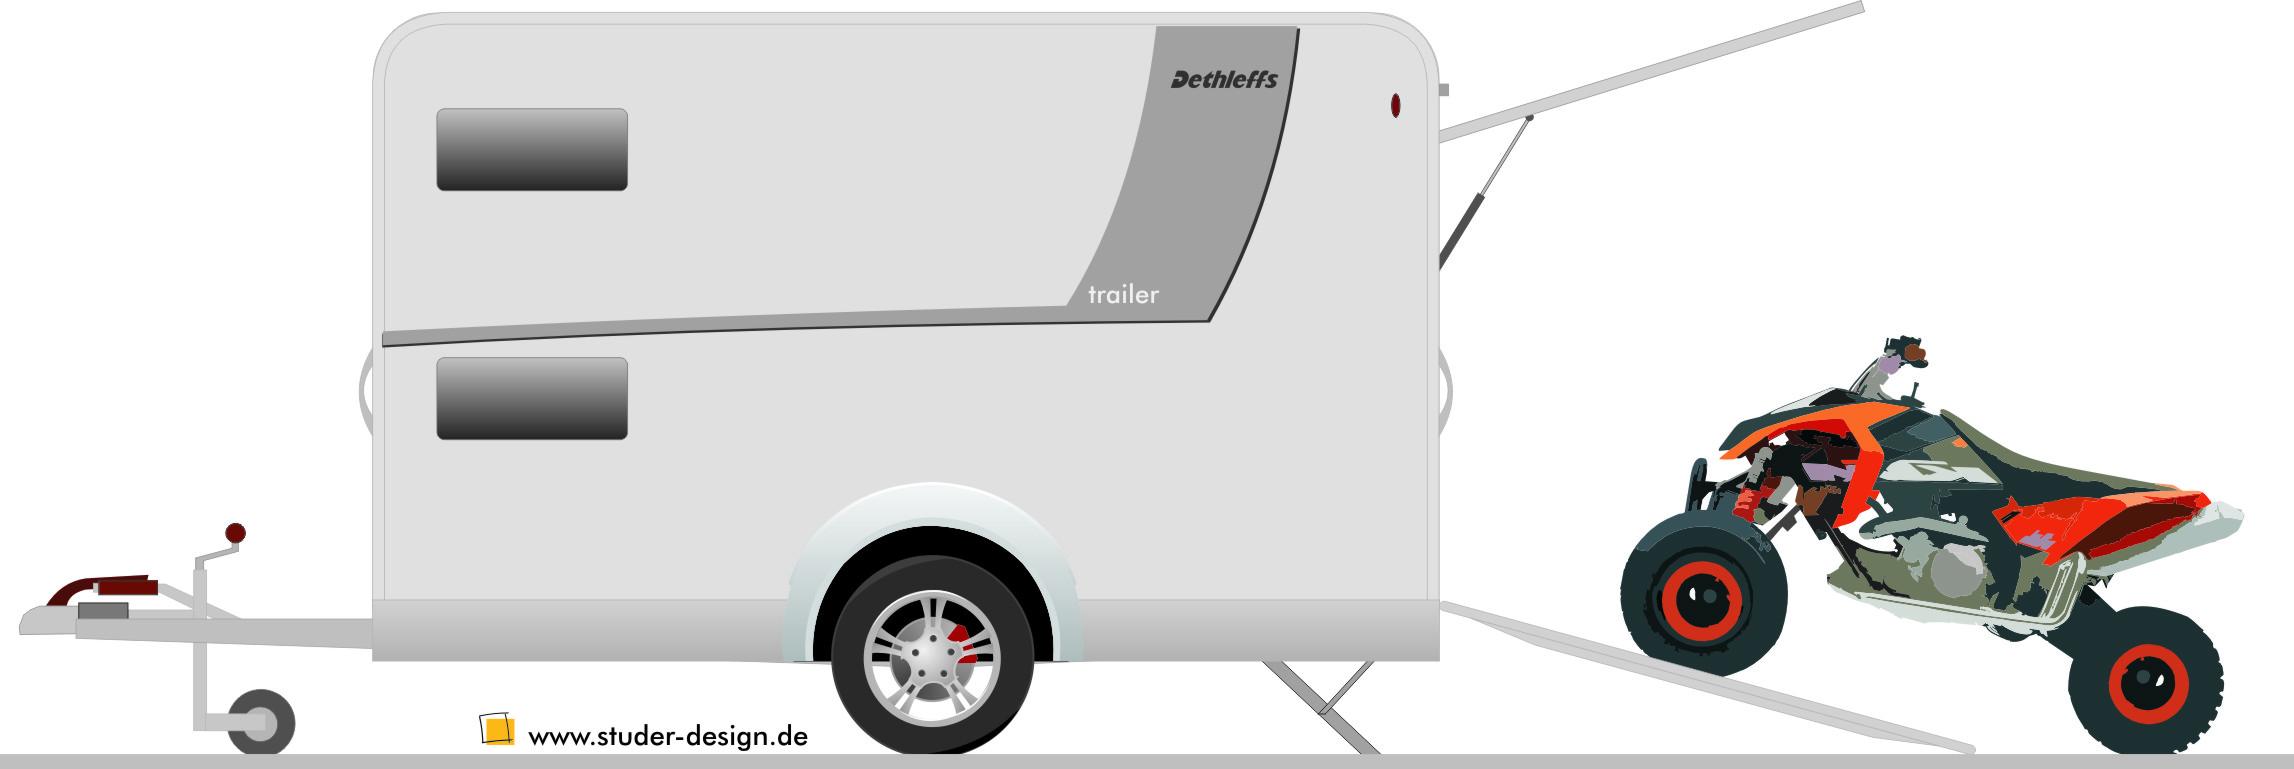 Dethleffs EVAN-Trailer: Flexibler Anhang, nicht nur für Dethleffs evan Reisemobil. © spothits/Studer Design